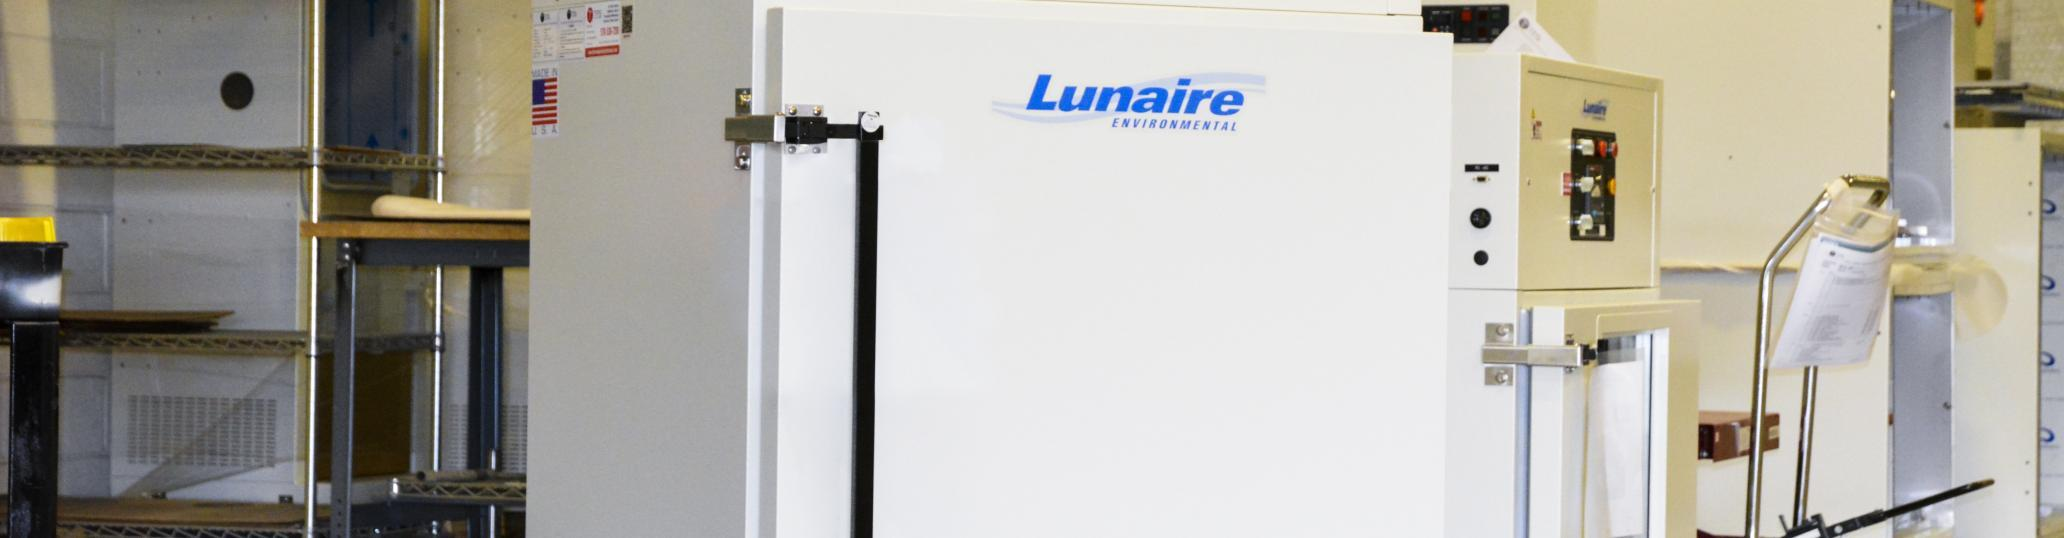 Lunaire | Wisconsin Oven